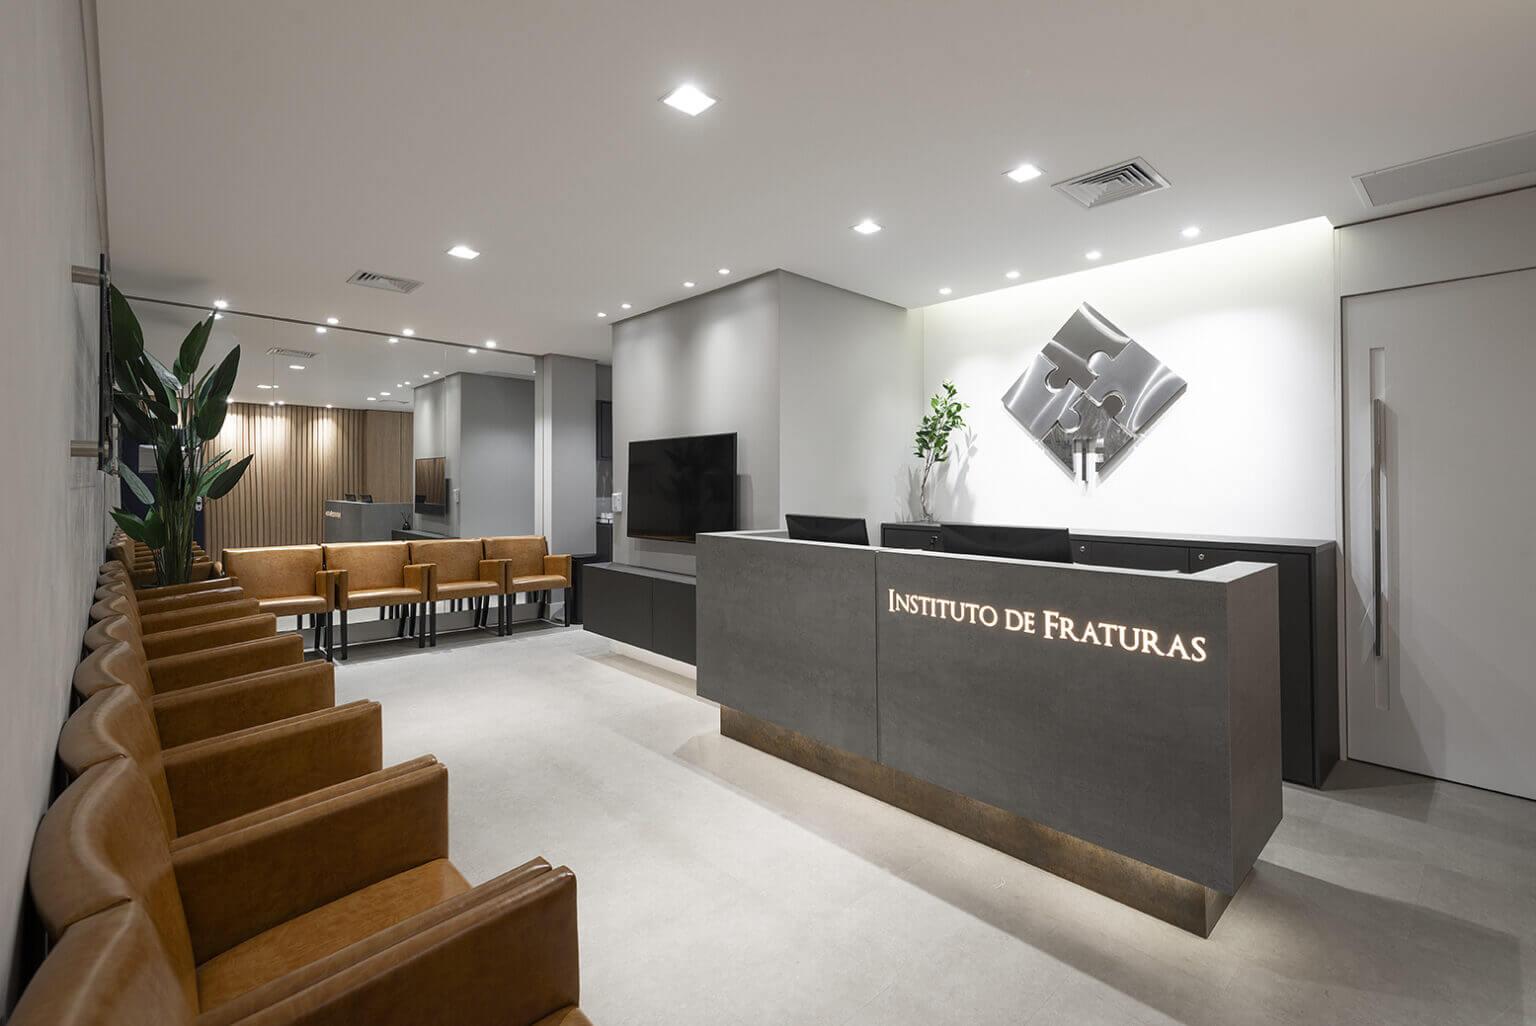 instituto-de-fraturas-cirurgiao-ortopedico-fraturas-ortopedista-baia-sul-florianopolis